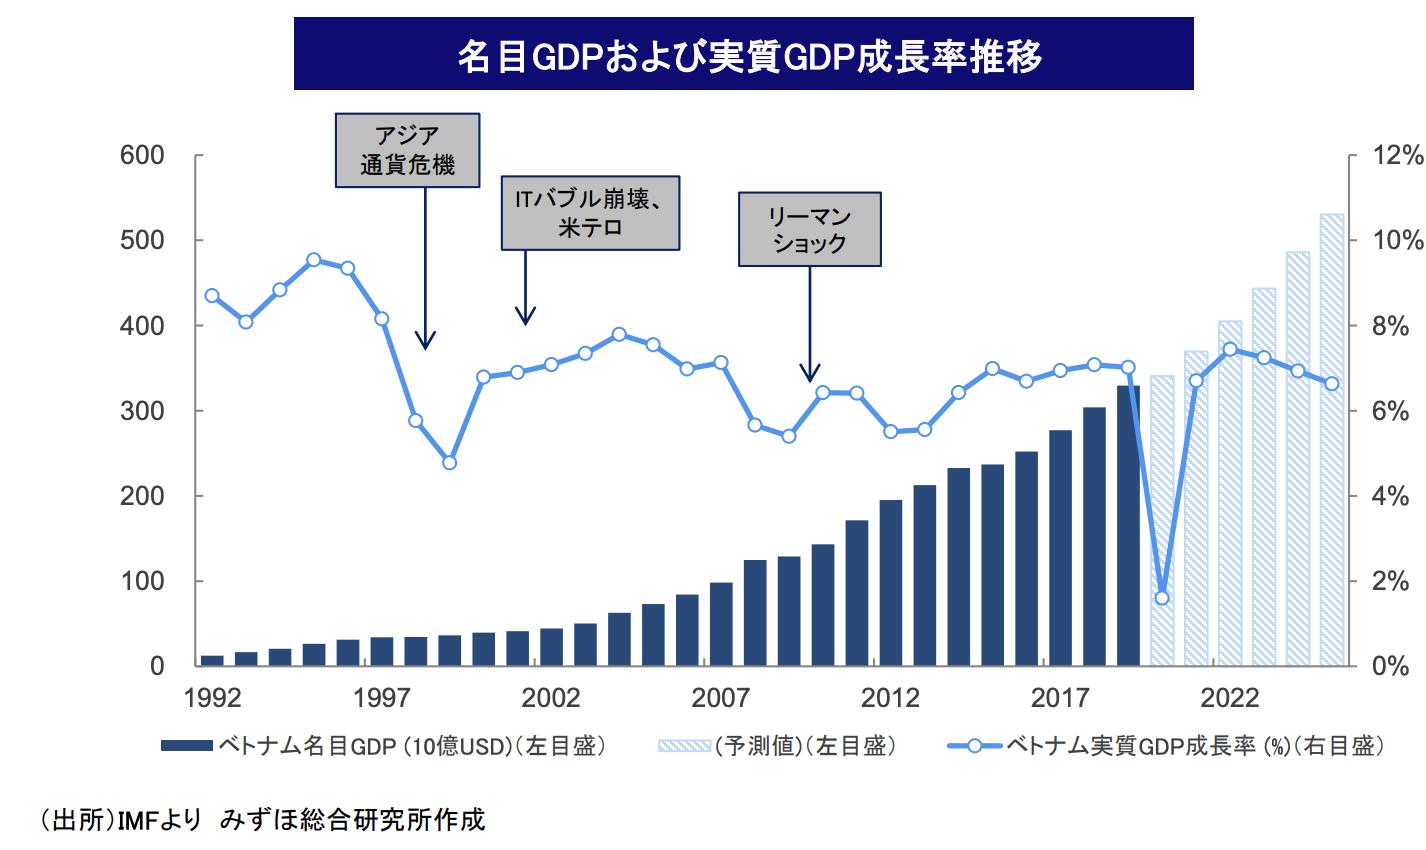 名目GDPおよび実質GDP成長率推移